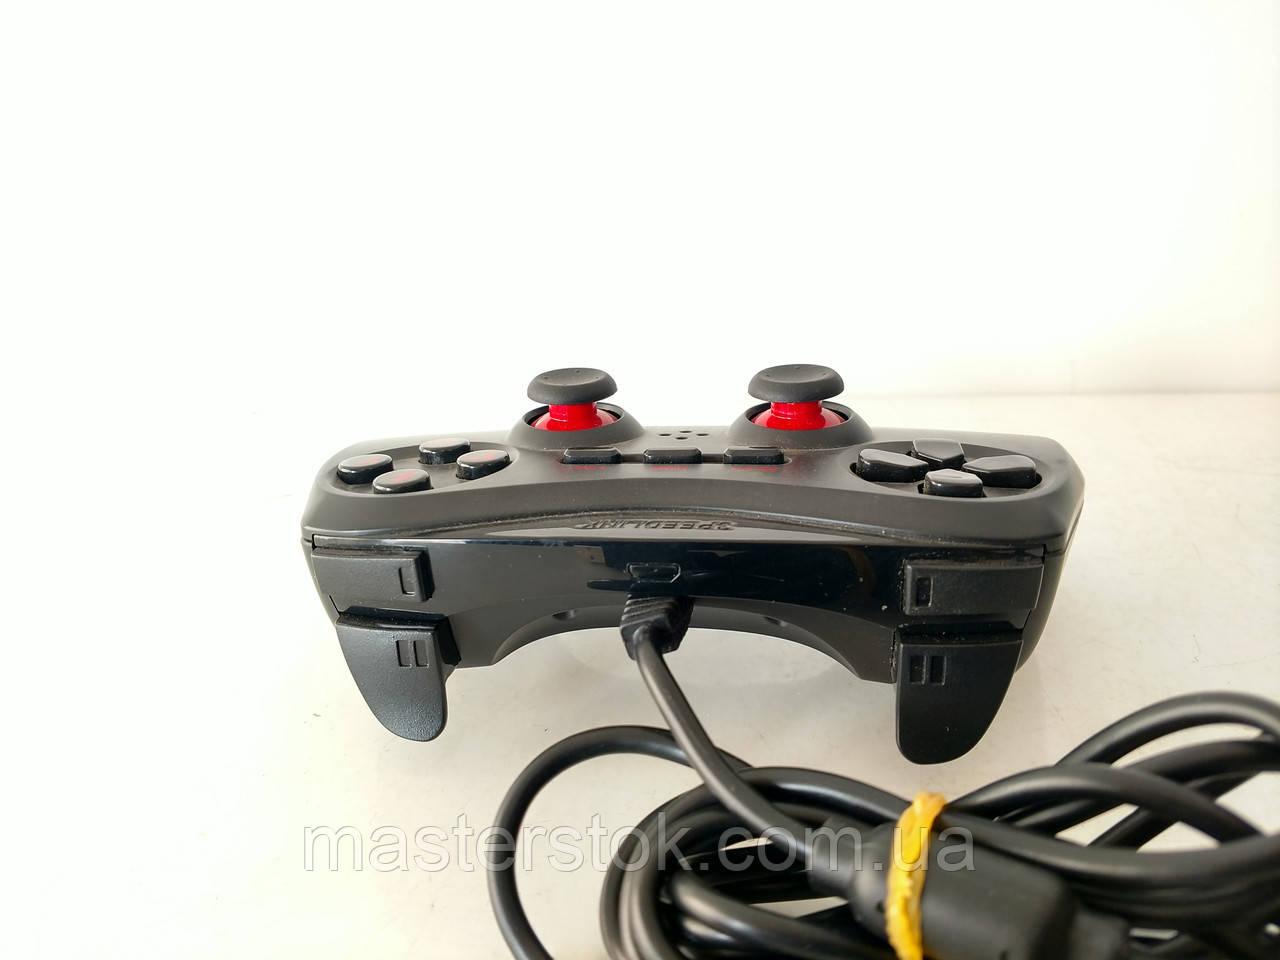 Проводной джойстик для Playstation 3 2